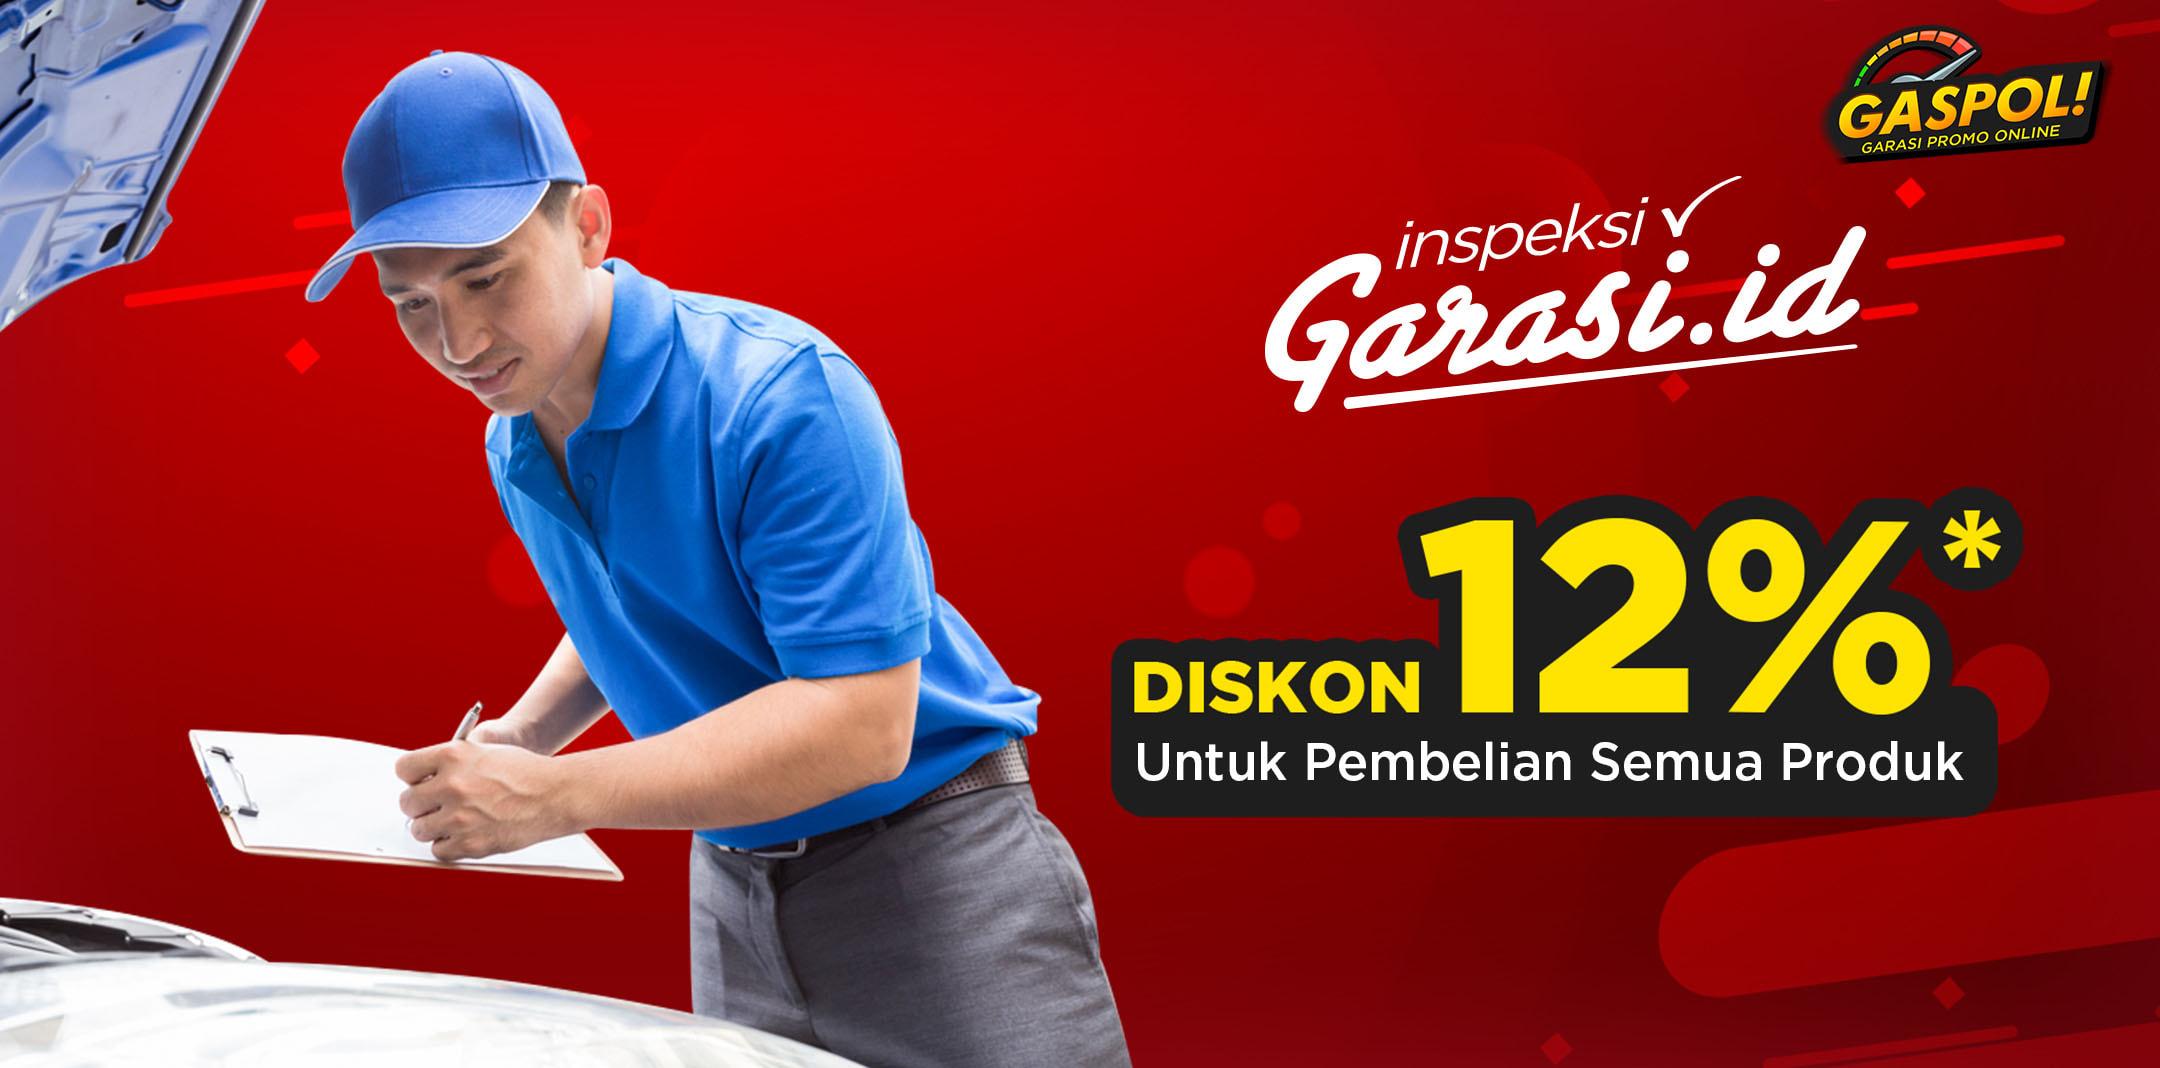 Inspeksi Mobil sekarang dan klaim kupon potongan harga, selama periode GASPOL